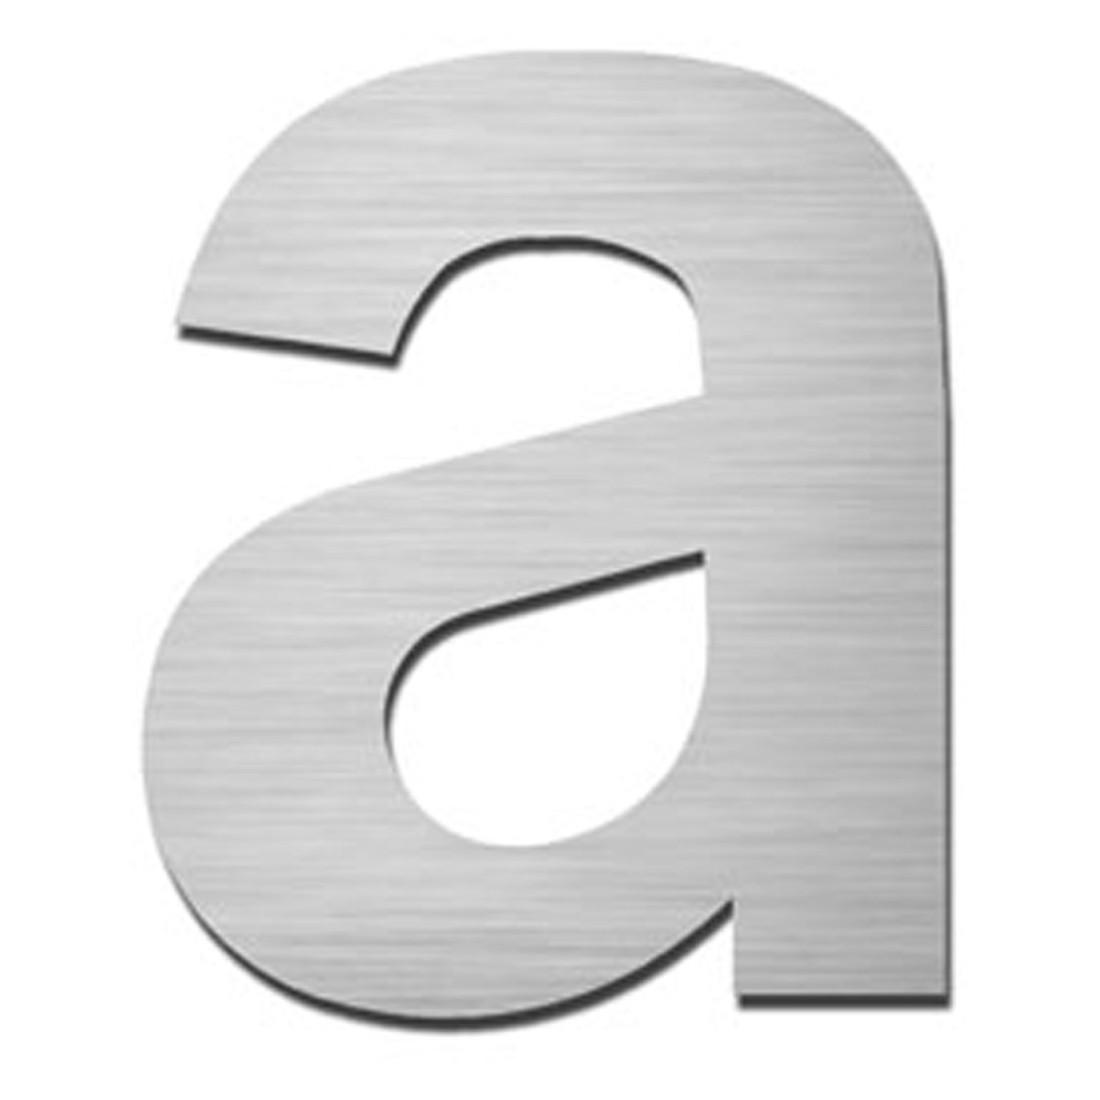 Hausnummer Index zum Aufschrauben a - Matt Gebürstet Edelstahl Silber, Serafini